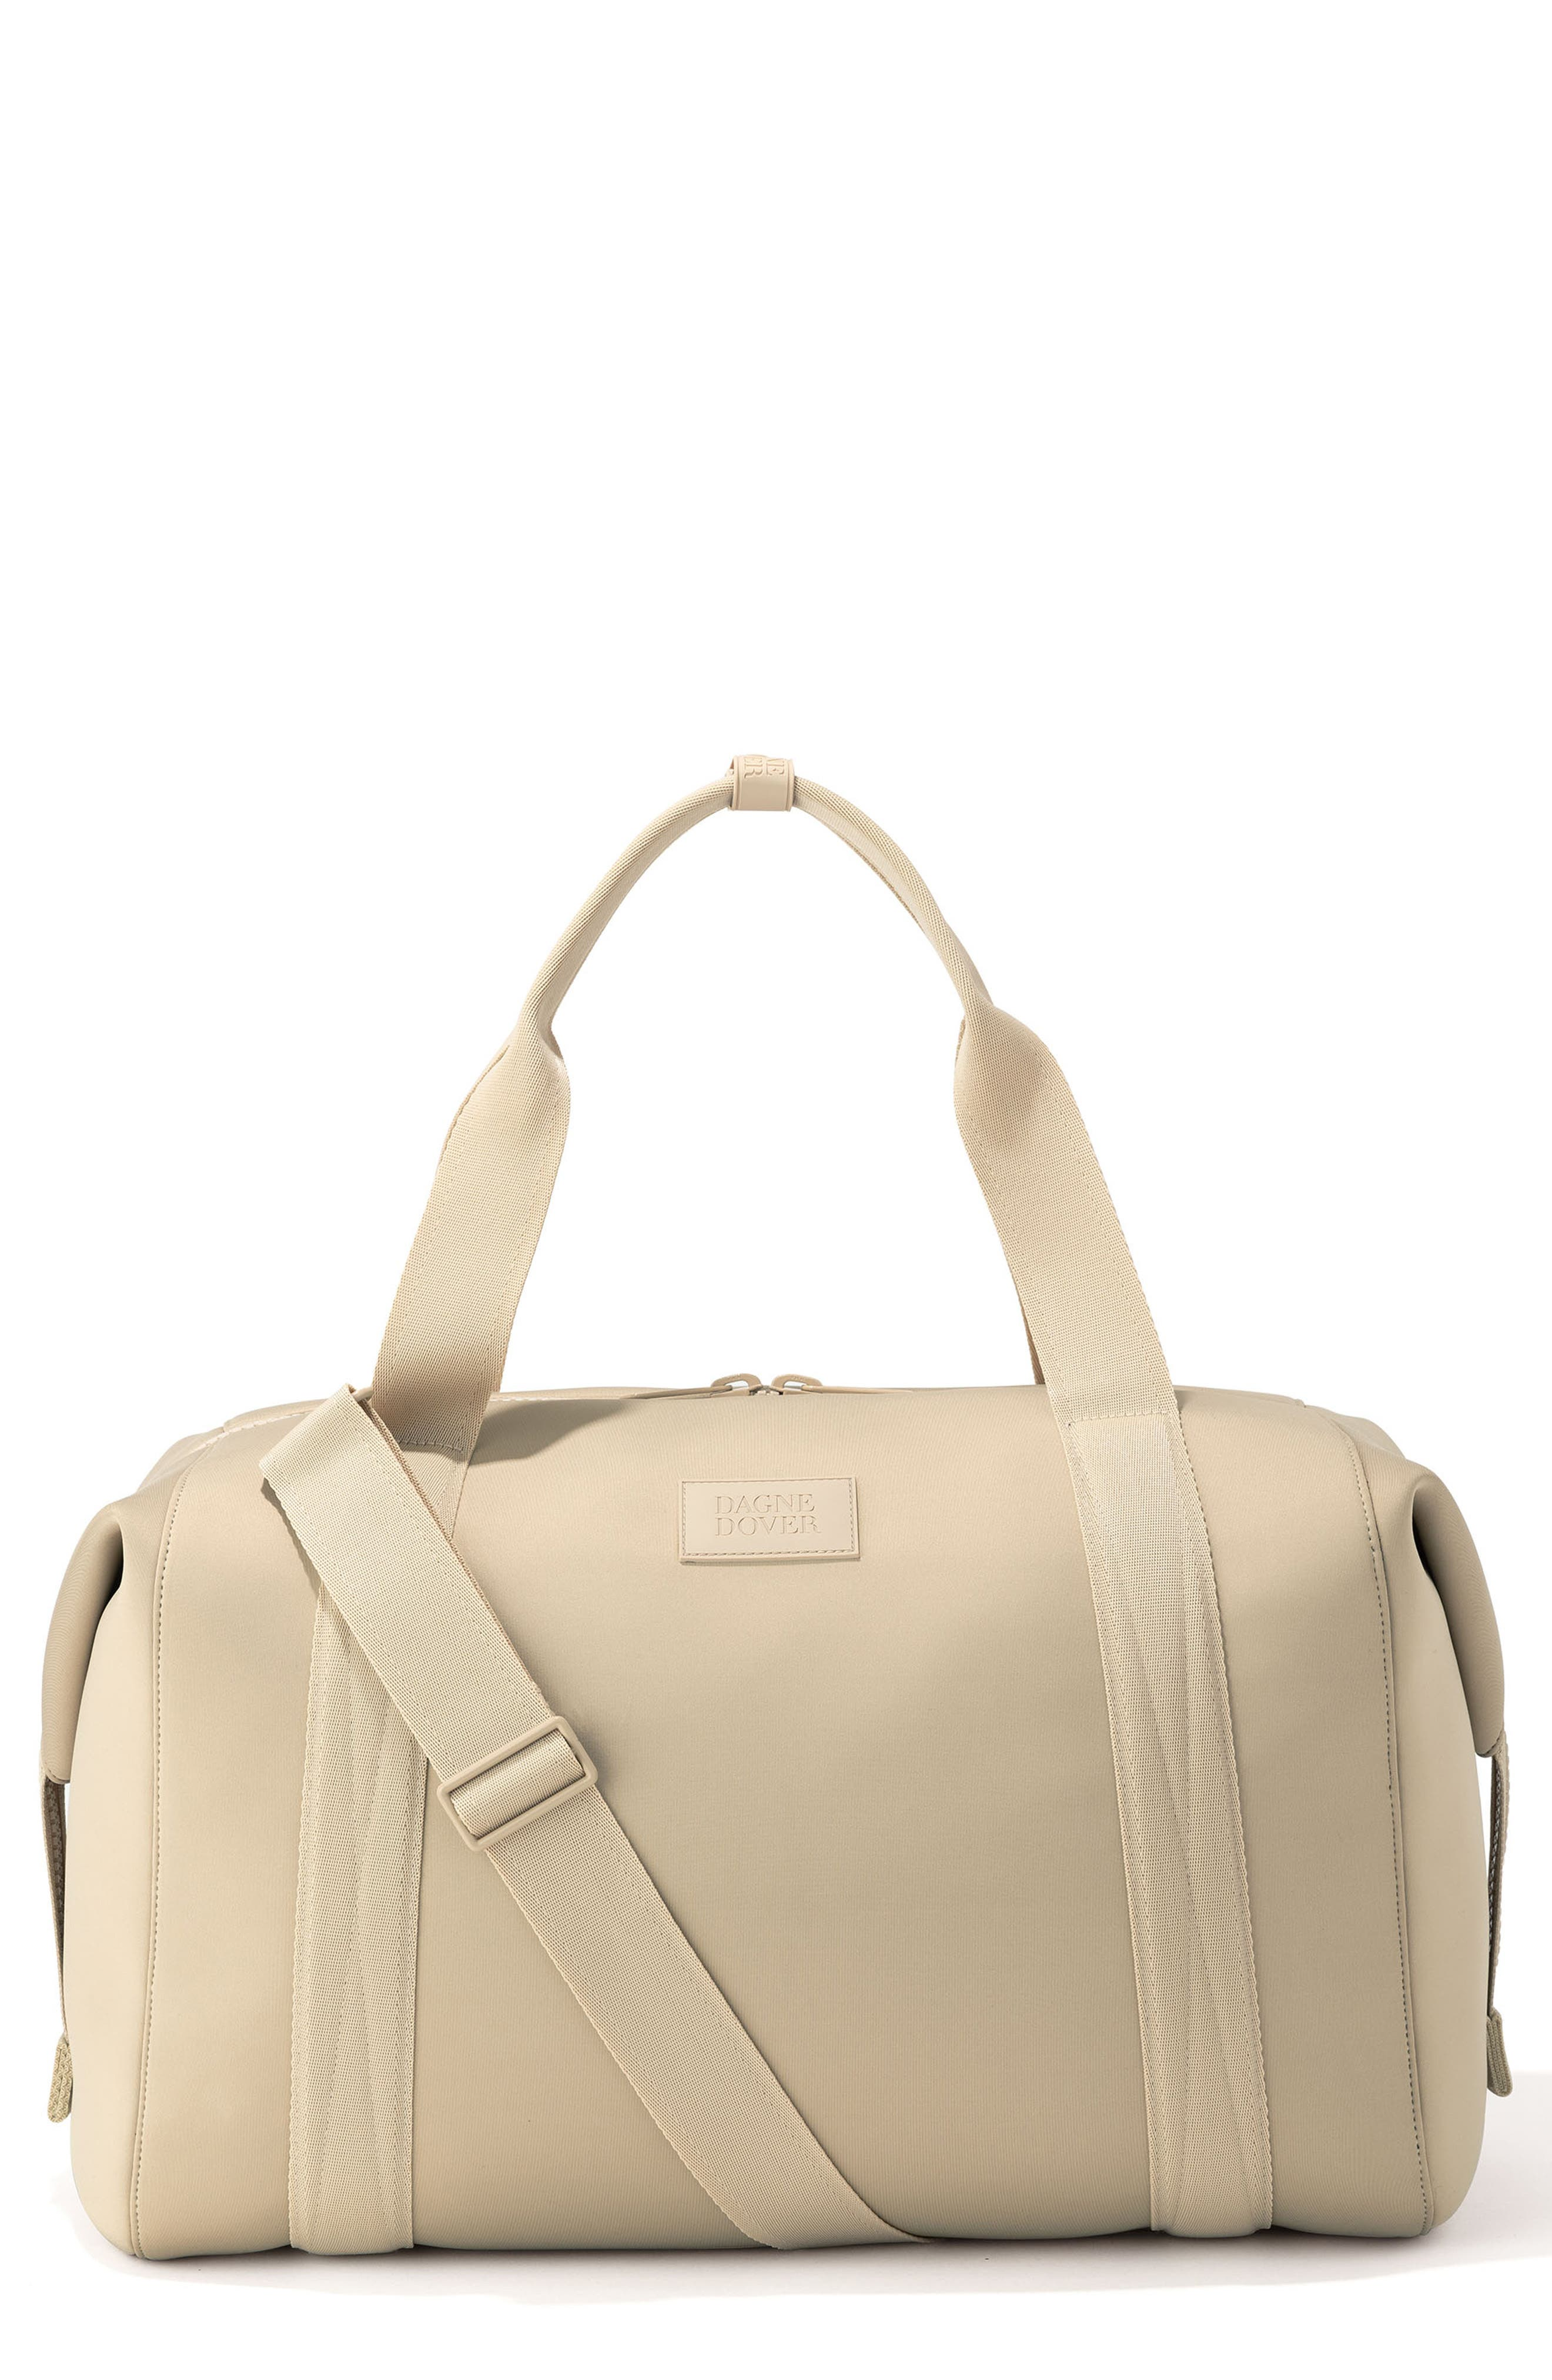 DAGNE DOVER XL Landon Carryall Duffle Bag, Main, color, ALMOND LATTE